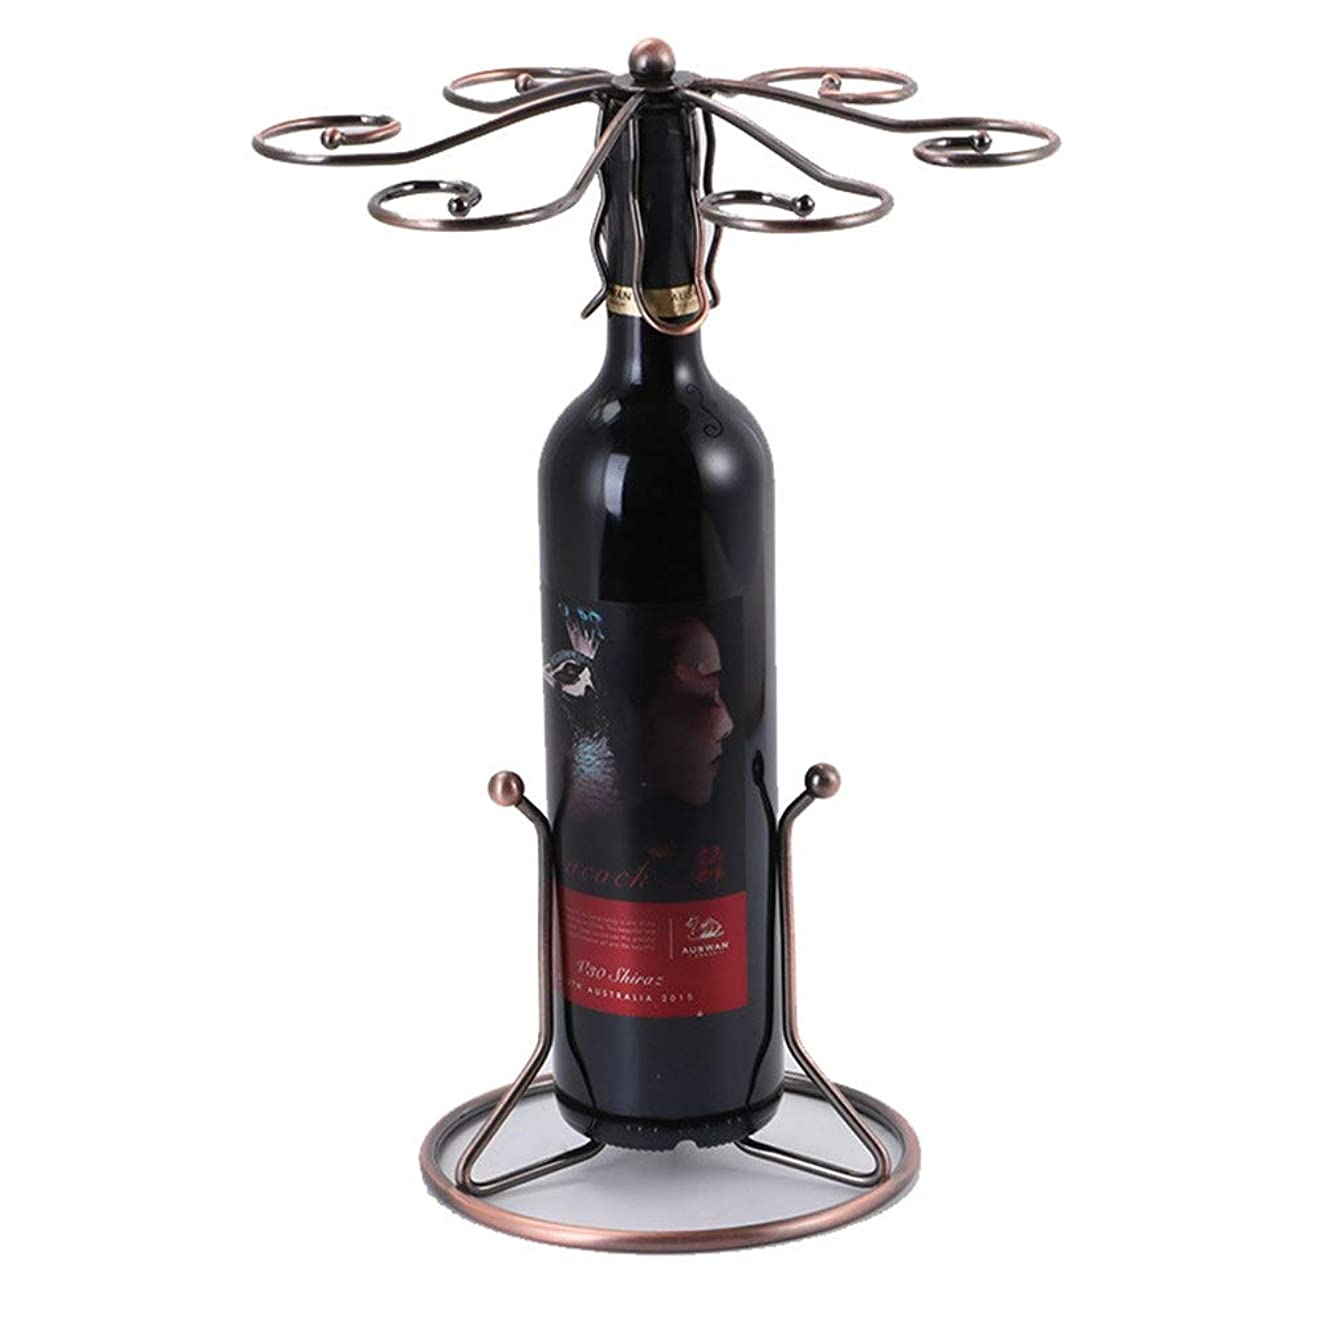 脚階下知らせるワイングラスホルダー メタルワインボトルとガラスホルダーディスプレイスタンドワイングラスラック6フック自立卓上脚付きグラスラックハンガー空気乾燥システム   (色 : ブロンズ, サイズ : ワンサイズ)